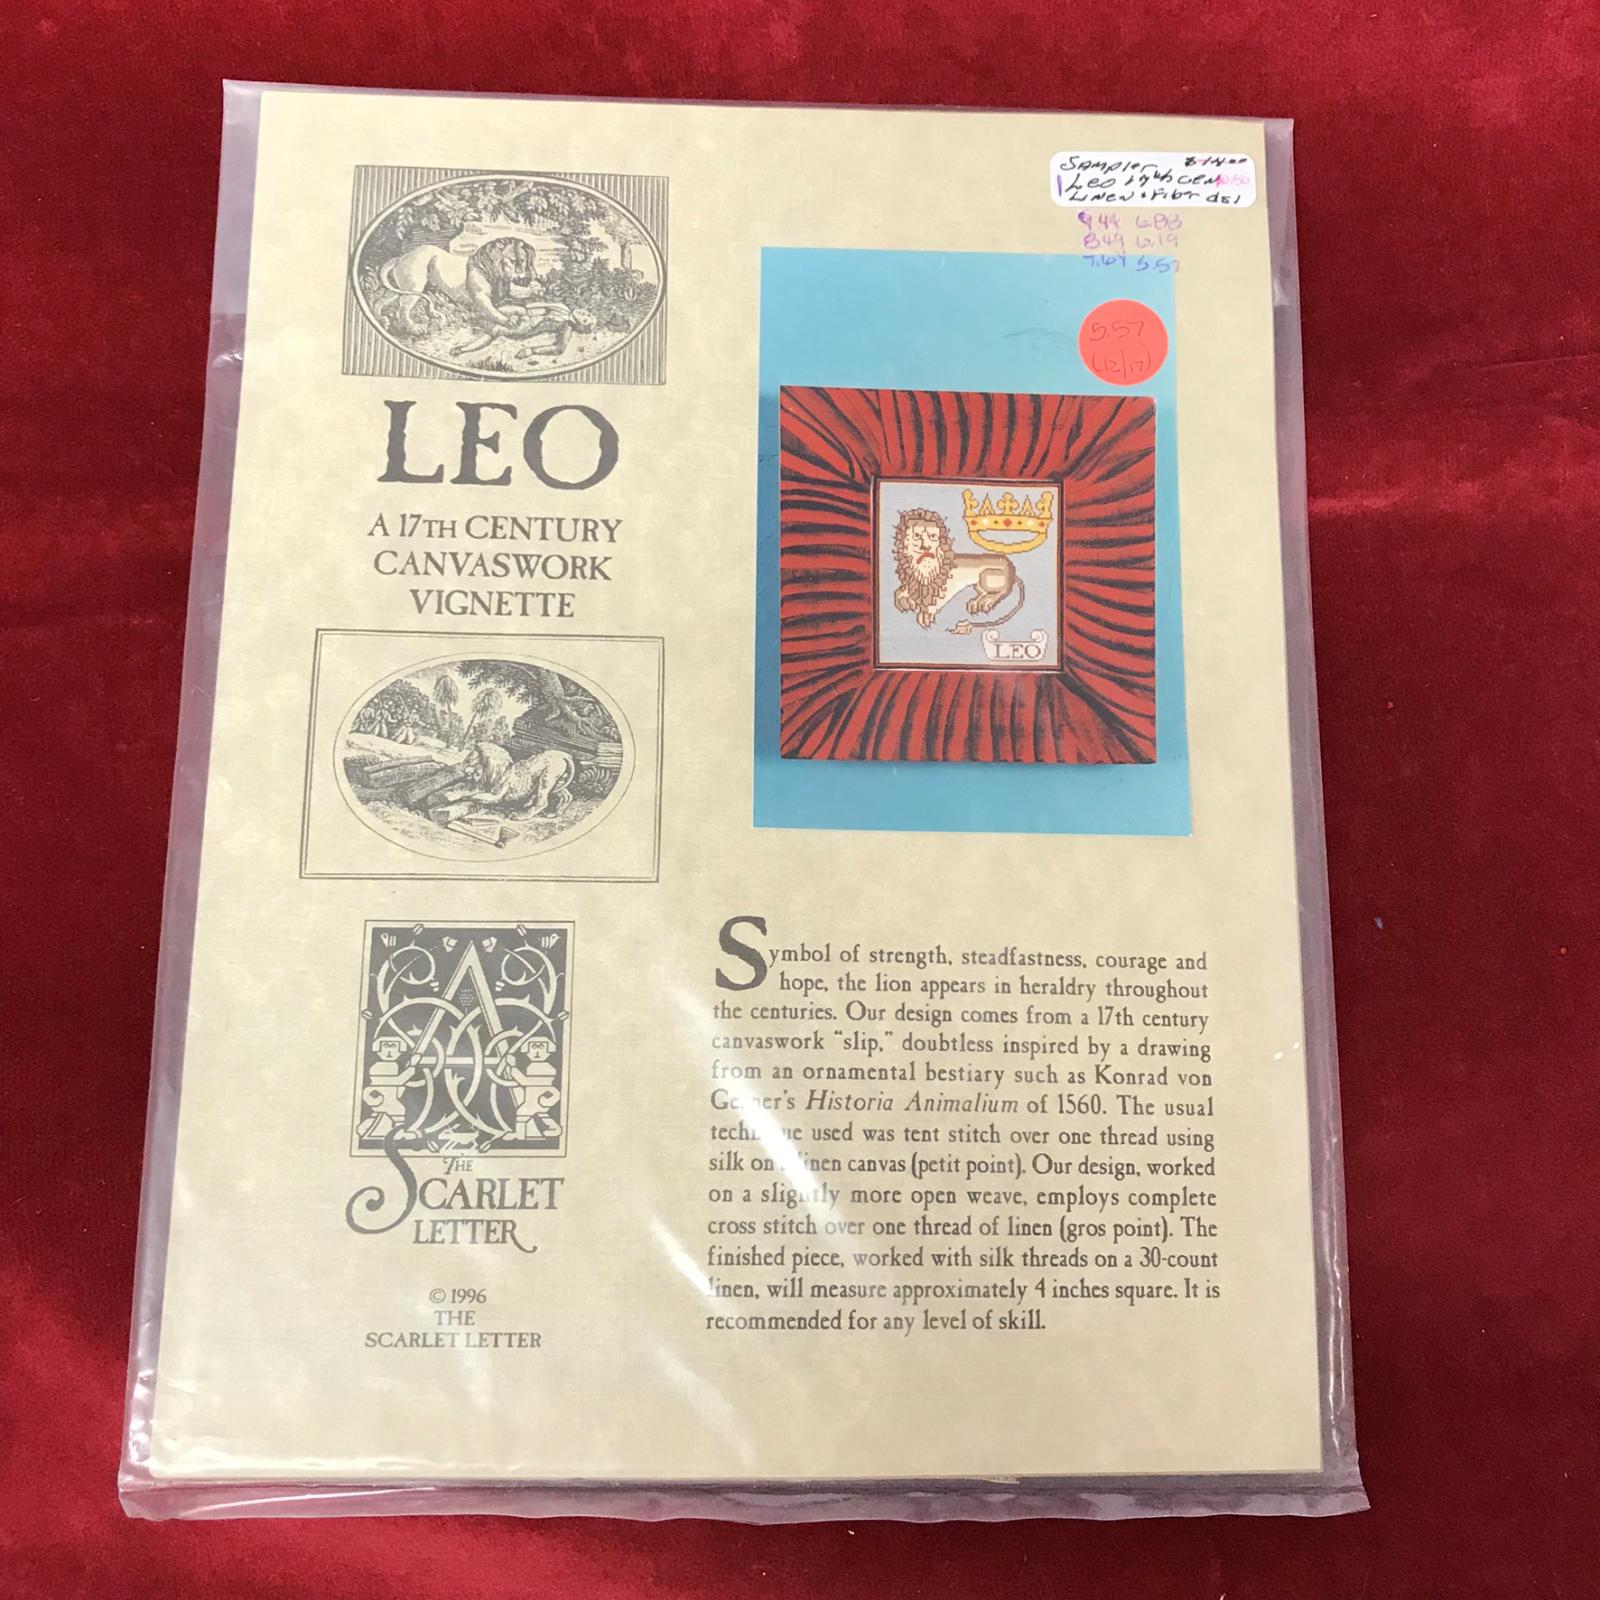 LEO-17TH CENTURY VIGNETTE